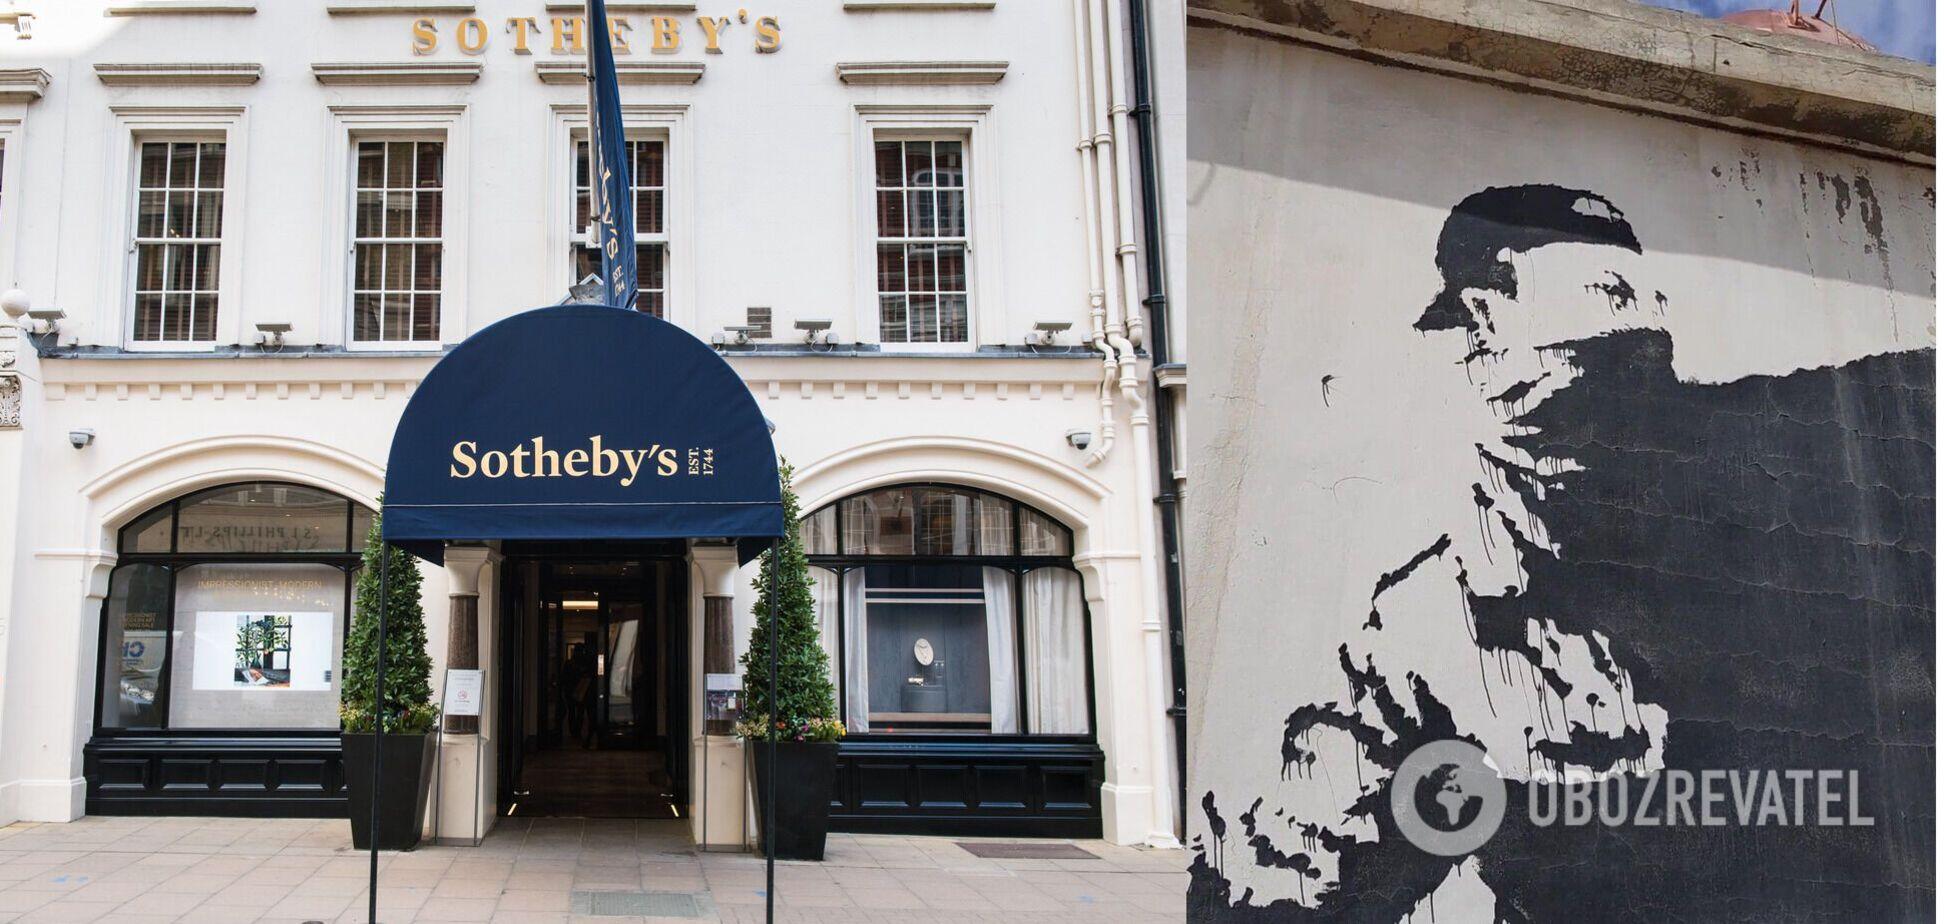 Аукціонний будинок Sotheby's продасть культову картину Бенксі за криптовалюту